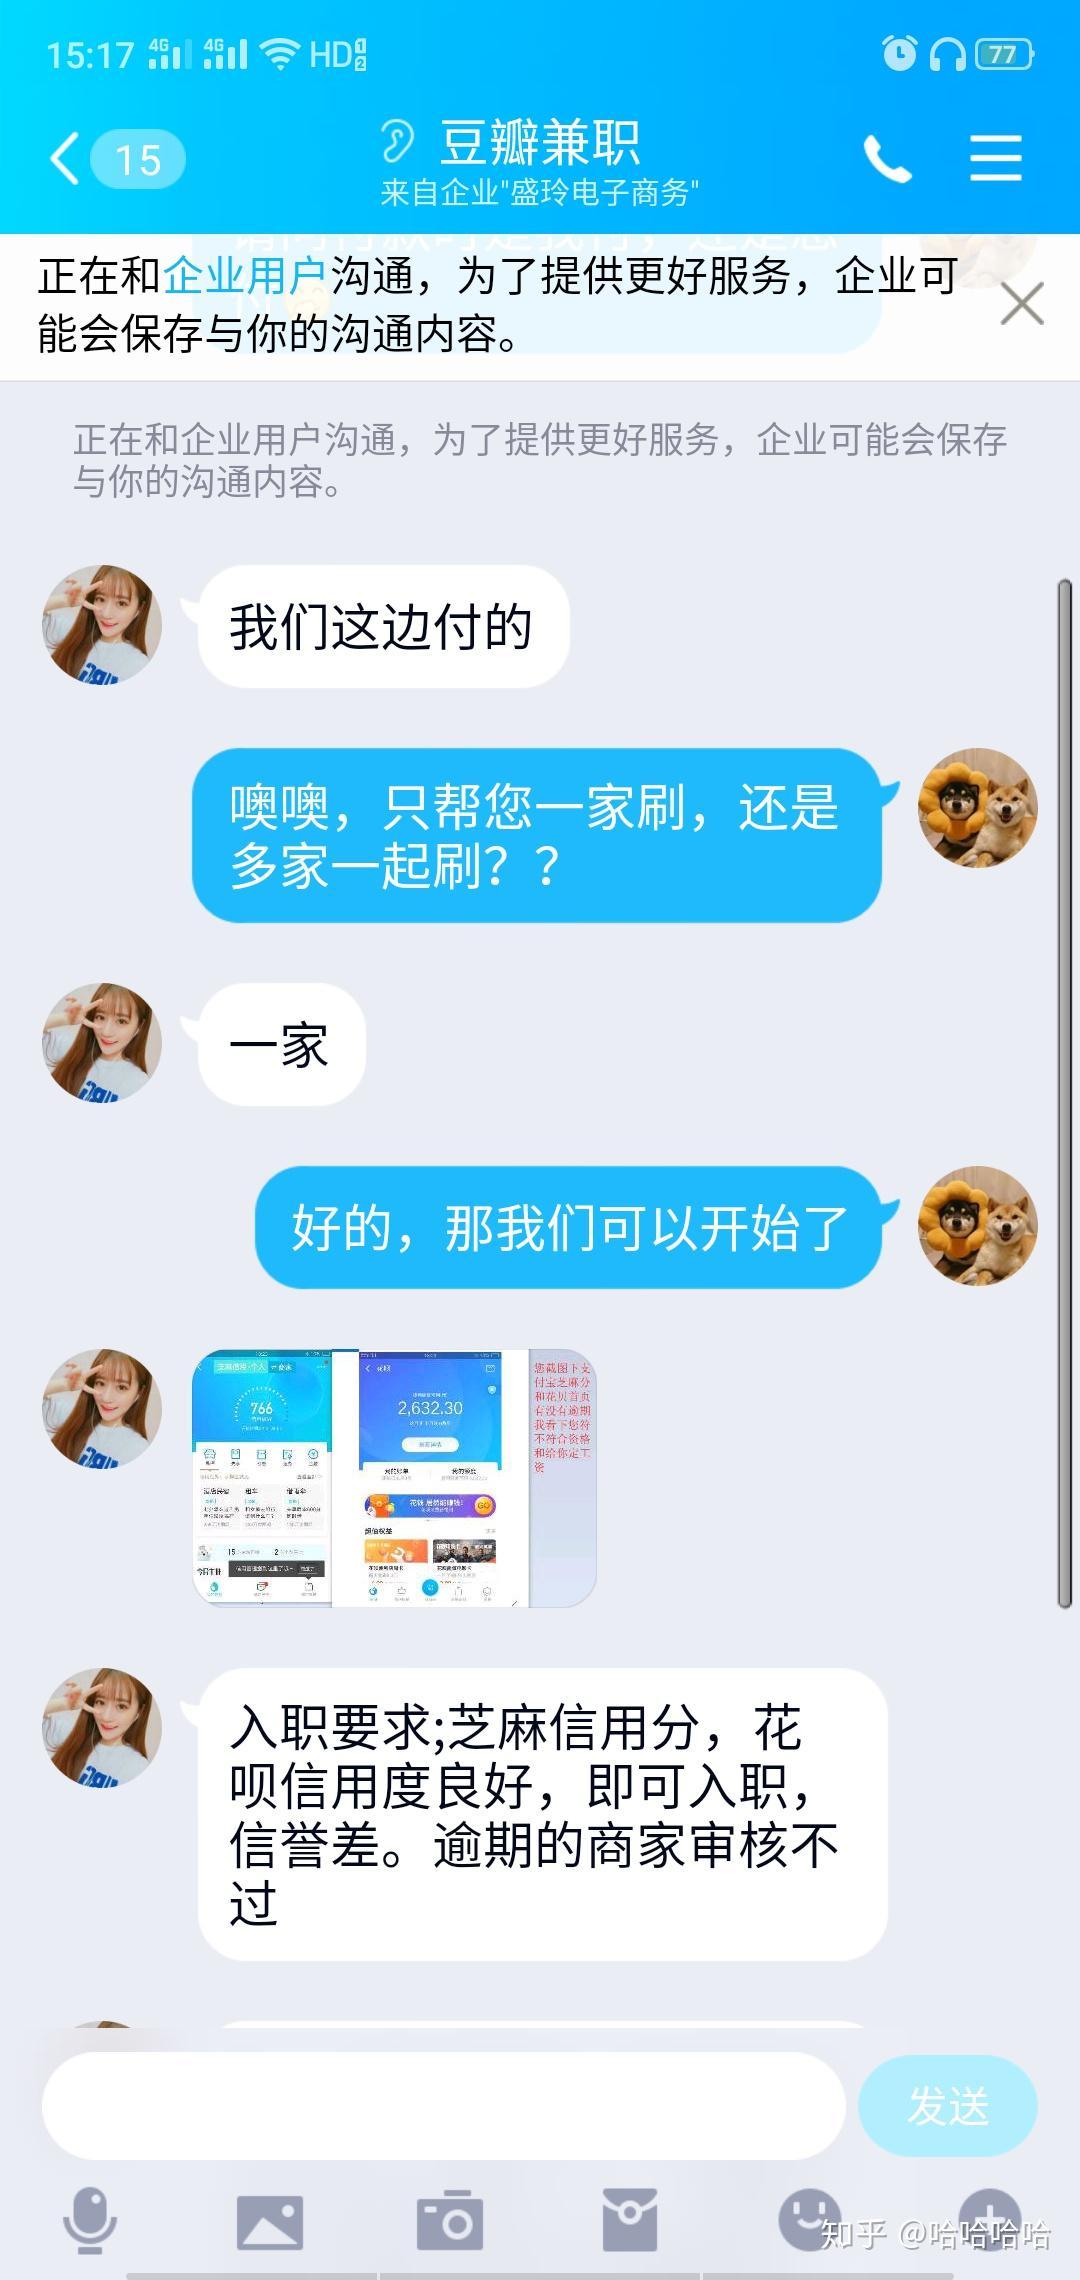 淘宝代刷兼职_揭露淘宝刷单(企业代付)骗局 - 知乎